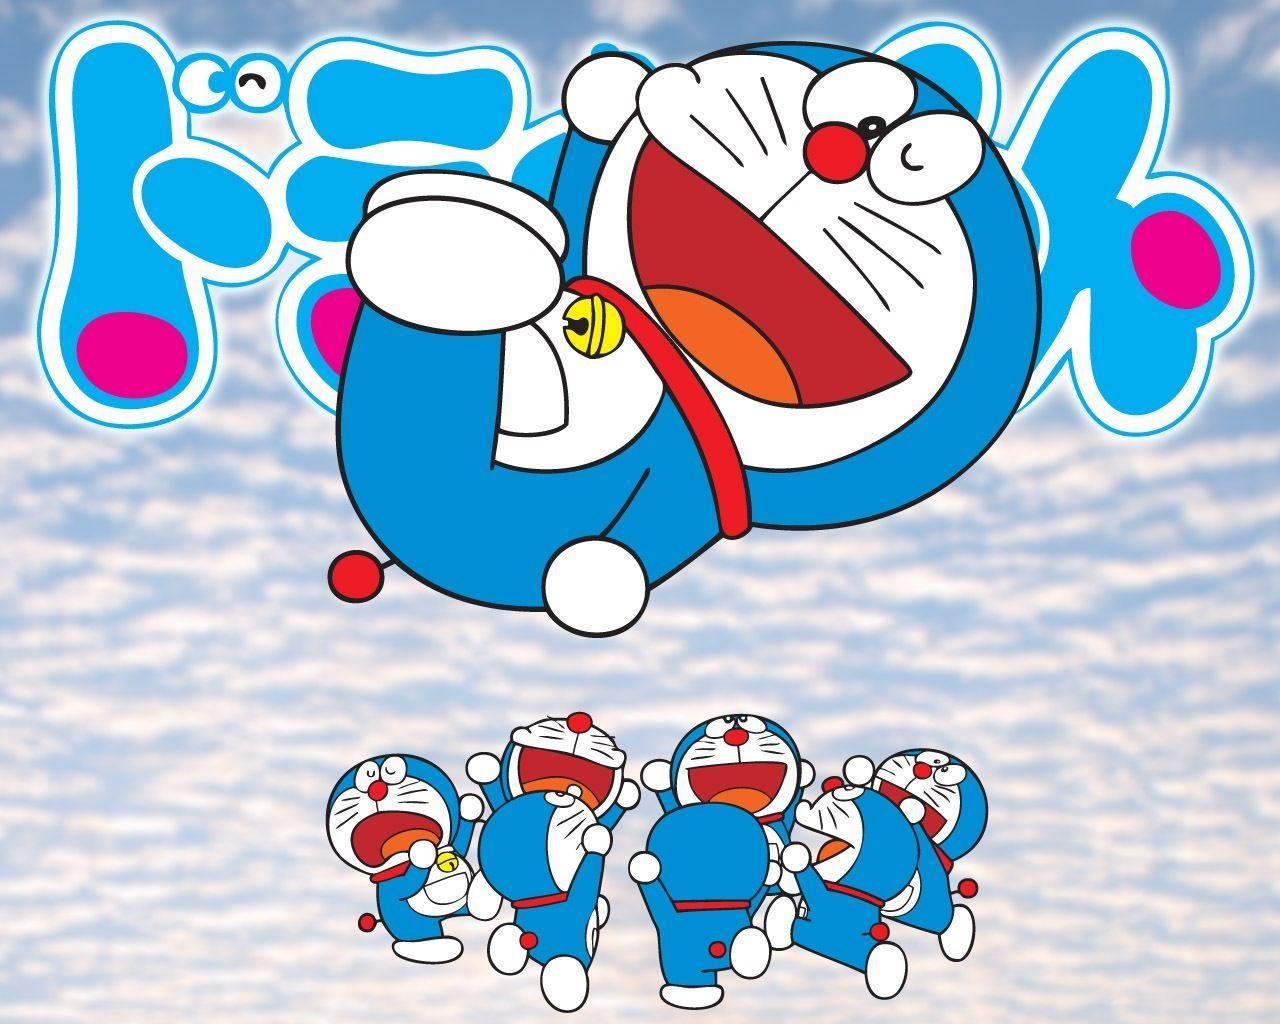 Doraemon Wallpaper Download Cartoons Images kavii in 2019 1280x1024